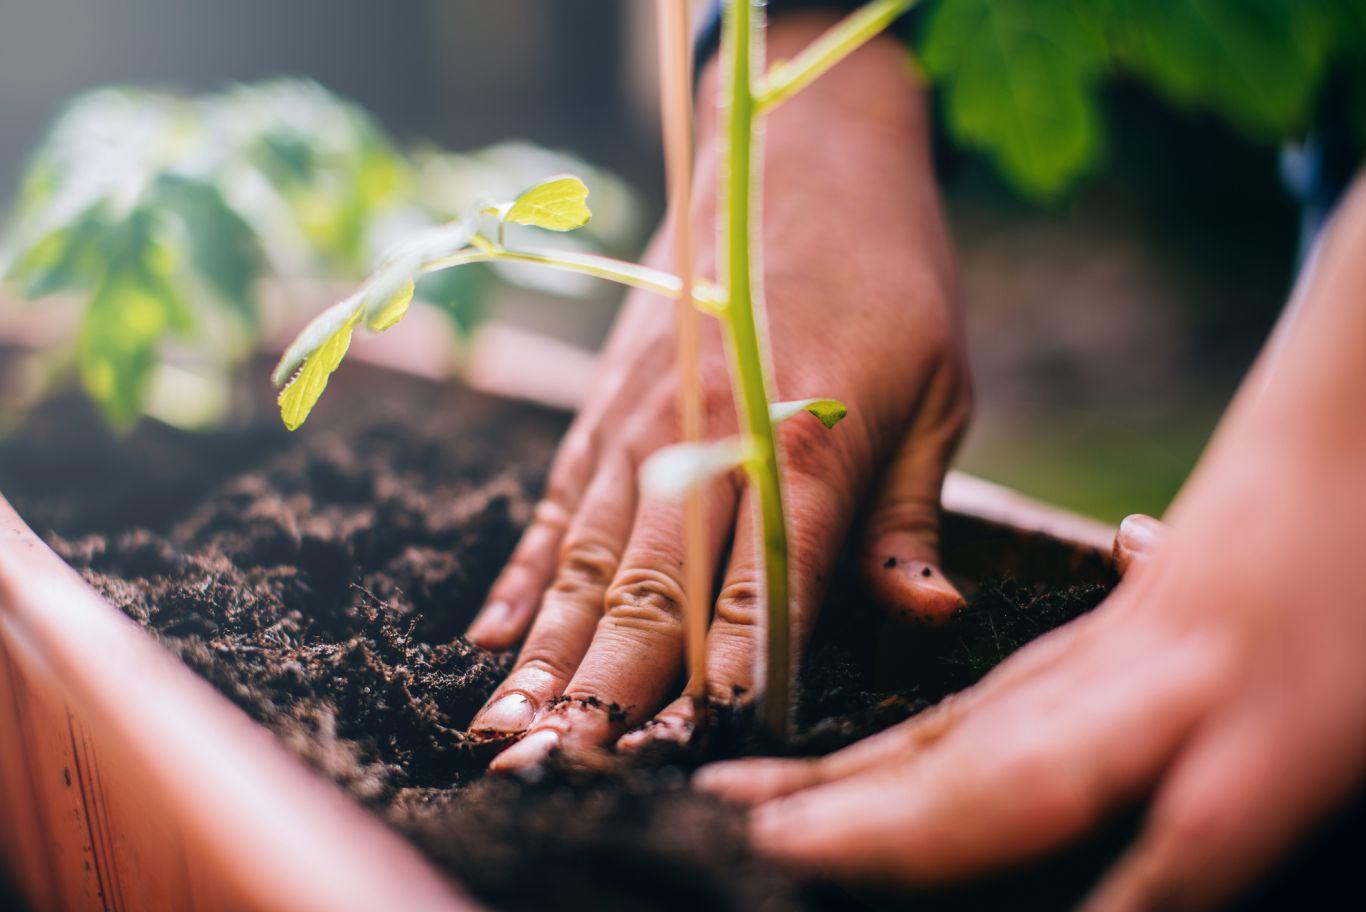 pessoa plantando uma muda